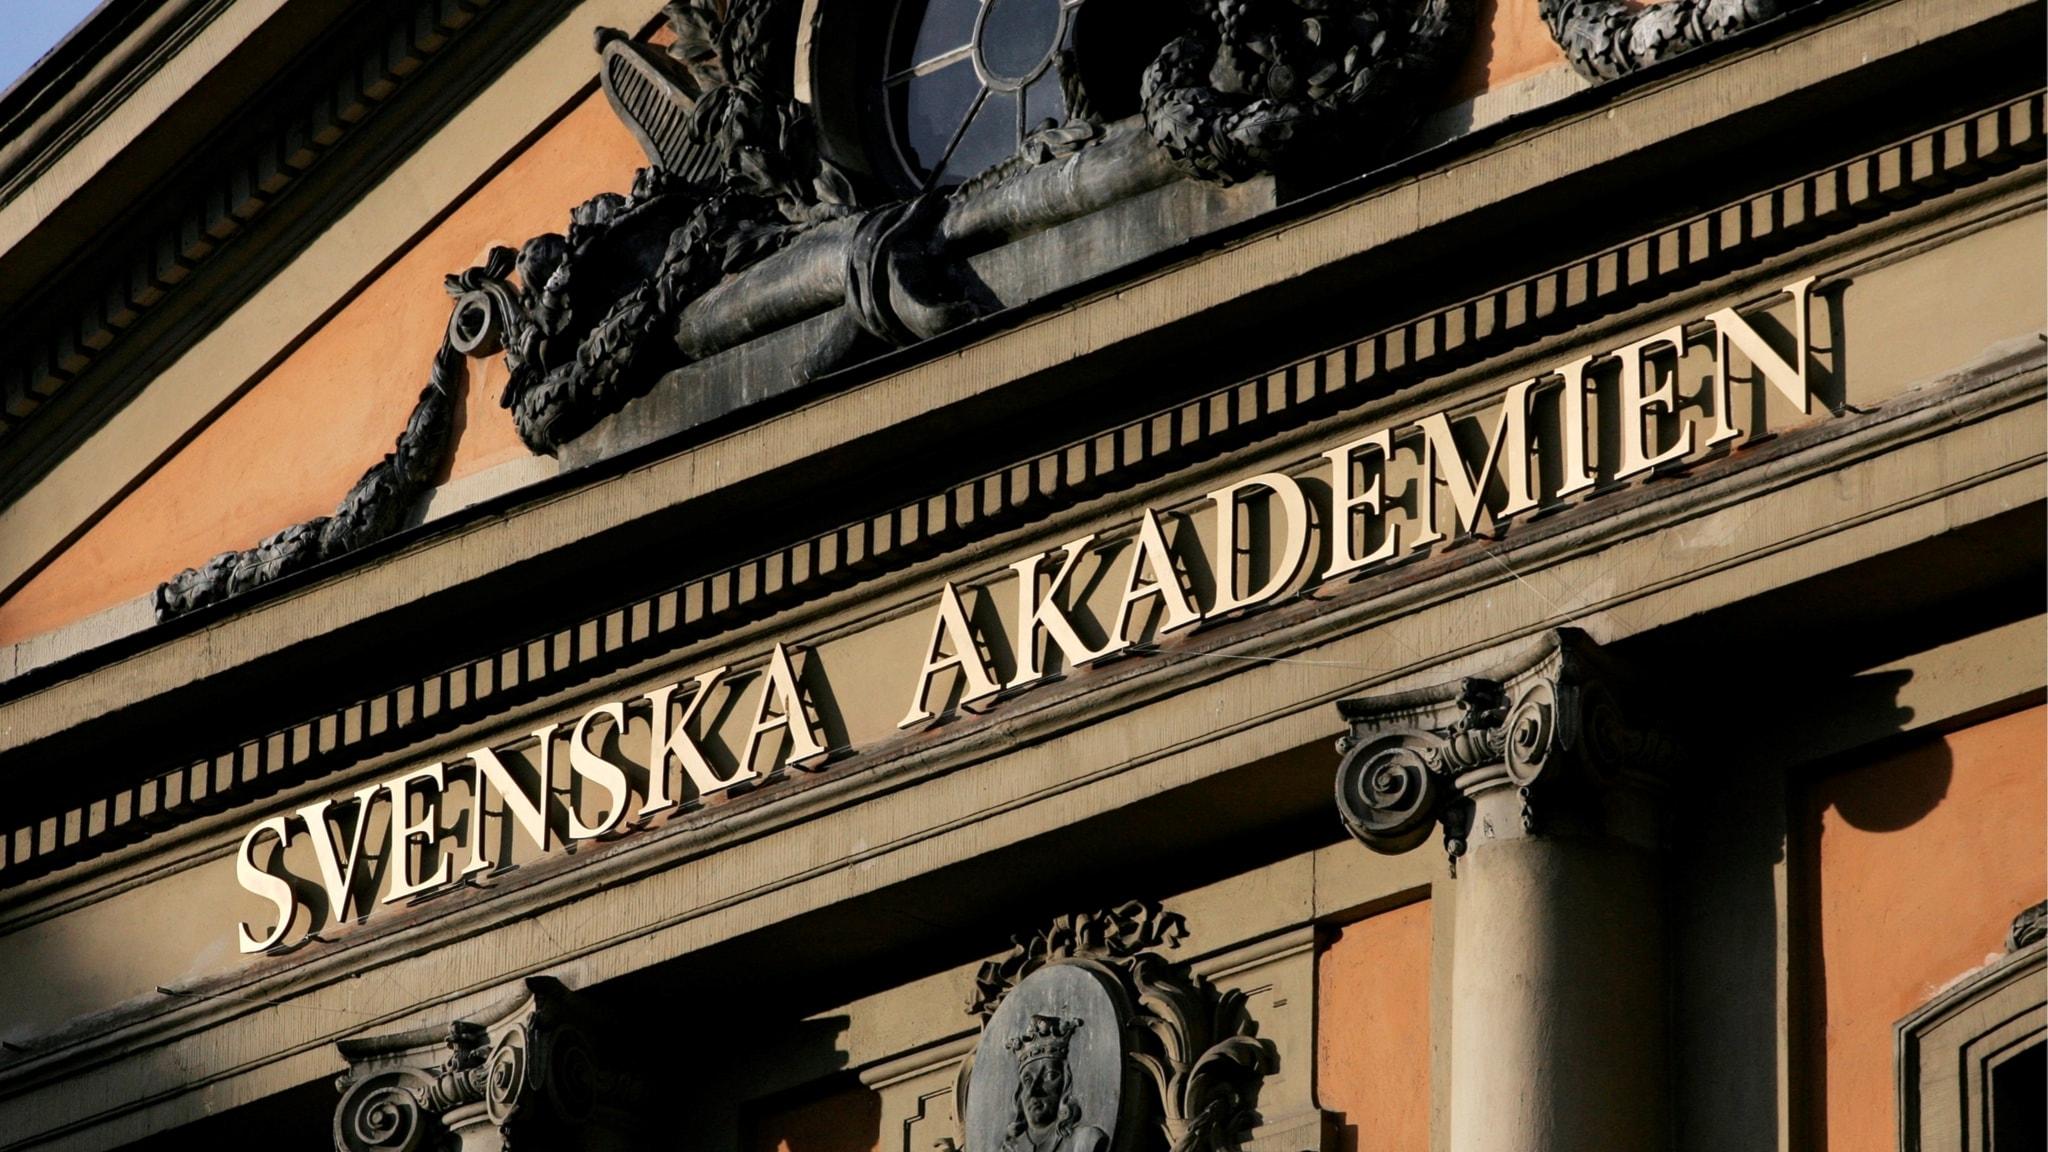 Sorgekantat för Gustav III av Kraus för Svenska Akademien, indisk raga och Albinonis oboekonsert